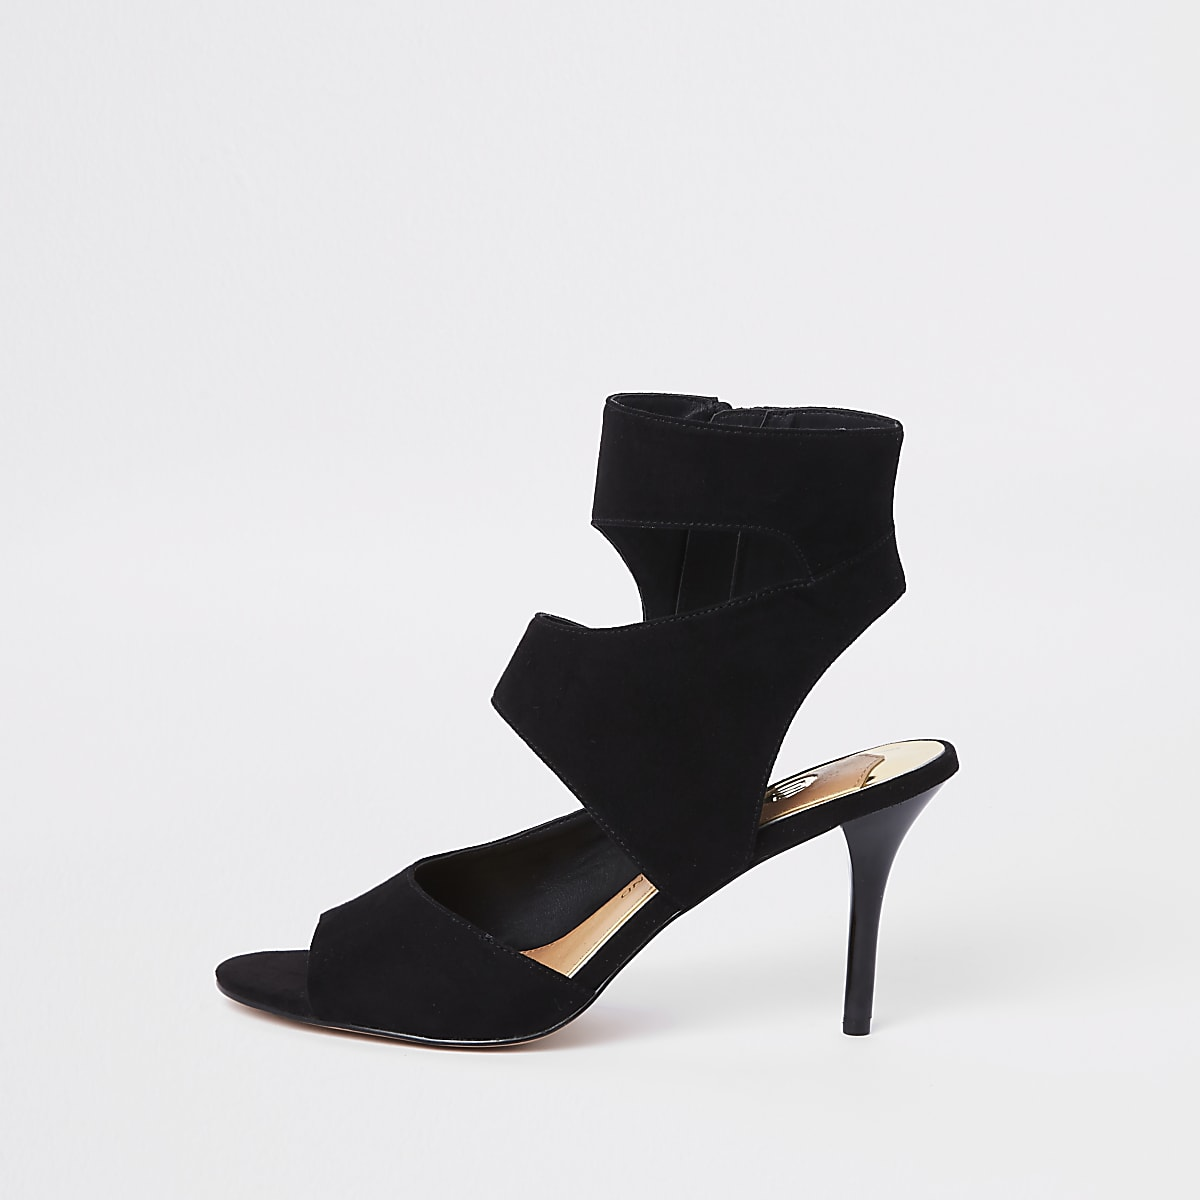 Black strap skinny heel mules